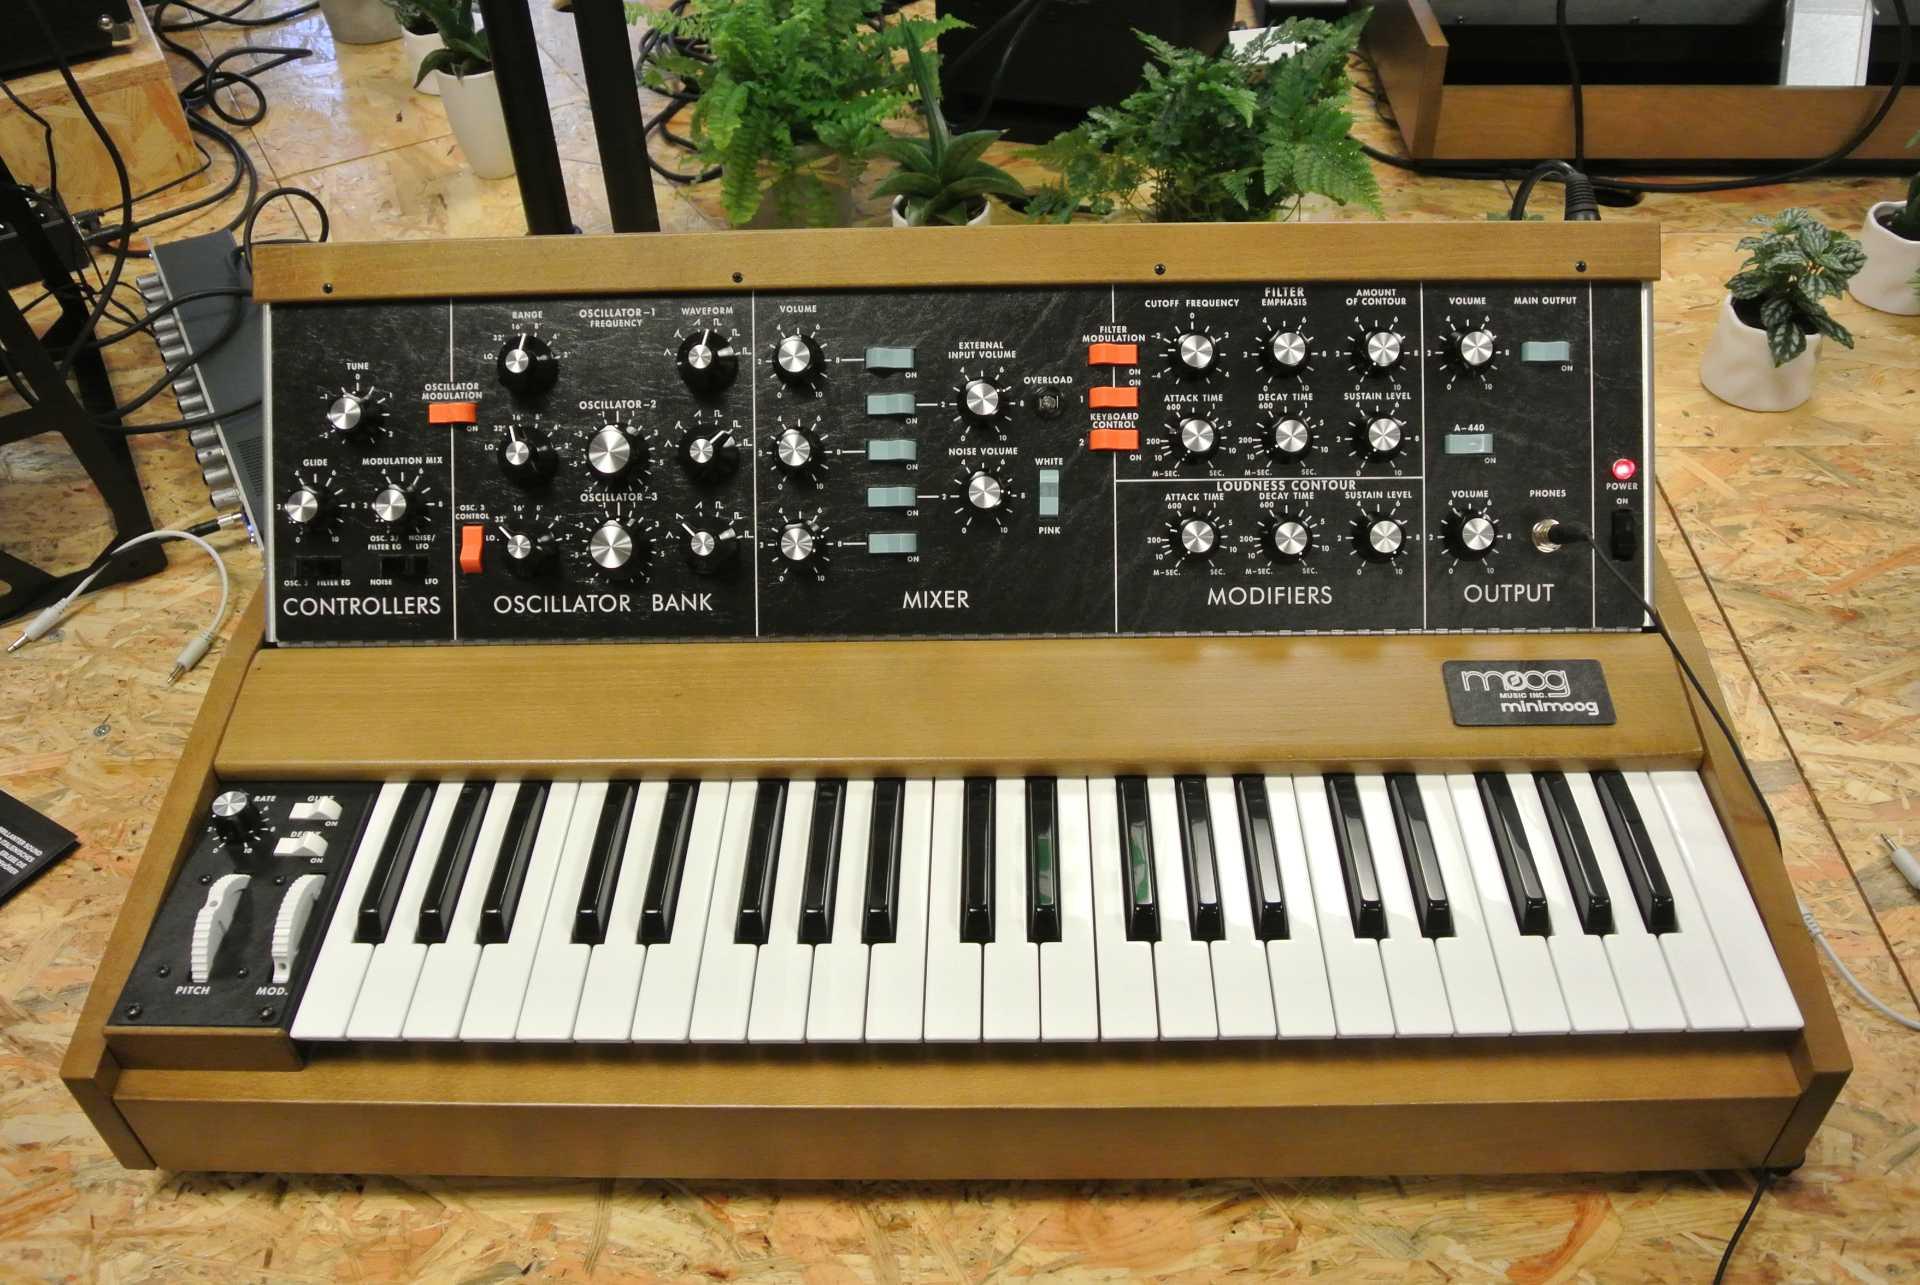 Auf der Superbooth kann man auch den Nachbau des Originals von Moog ausprobieren. Ein zeitlos schönes Instrument, wenn es auch in seinem Funktionsumfang beschränkt ist.